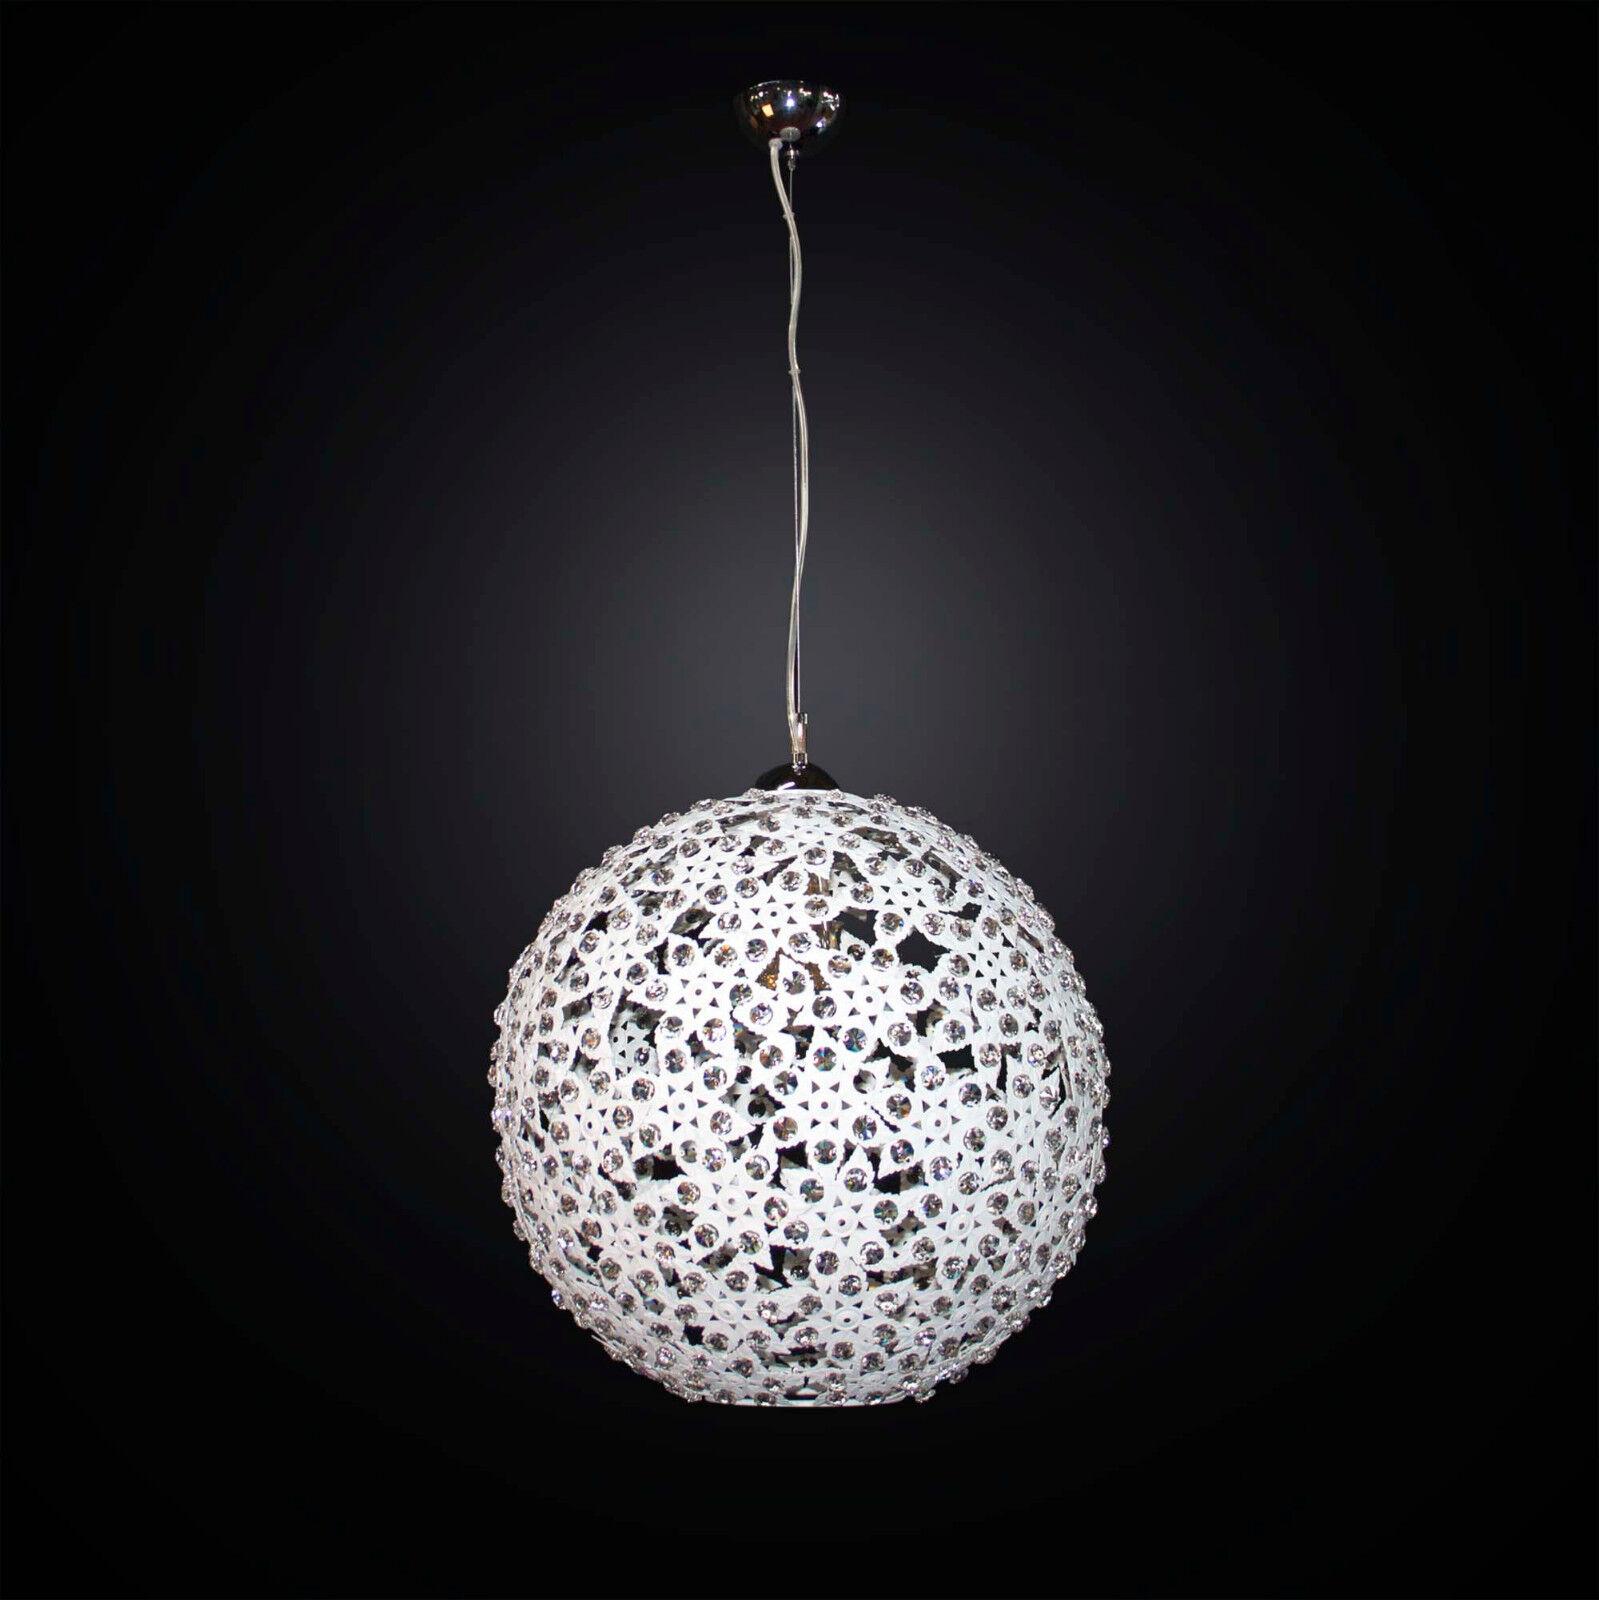 negozio di moda in vendita Lampadario moderno bianco design cristallo 1 luce luce luce BGA 2790 S40  il prezzo più basso